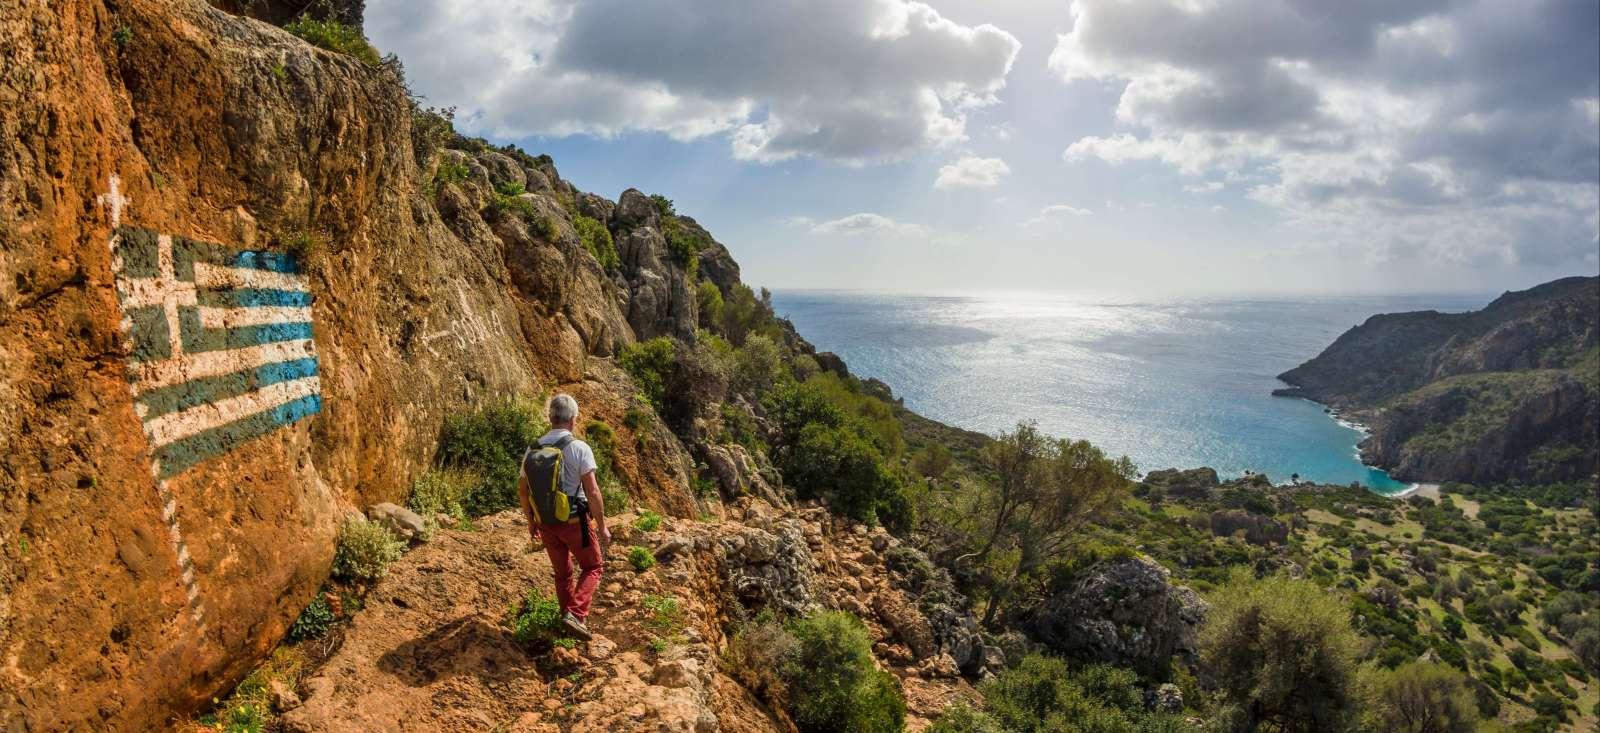 Voyage à pied : Mer et montagne : le 2 en 1 crétois.